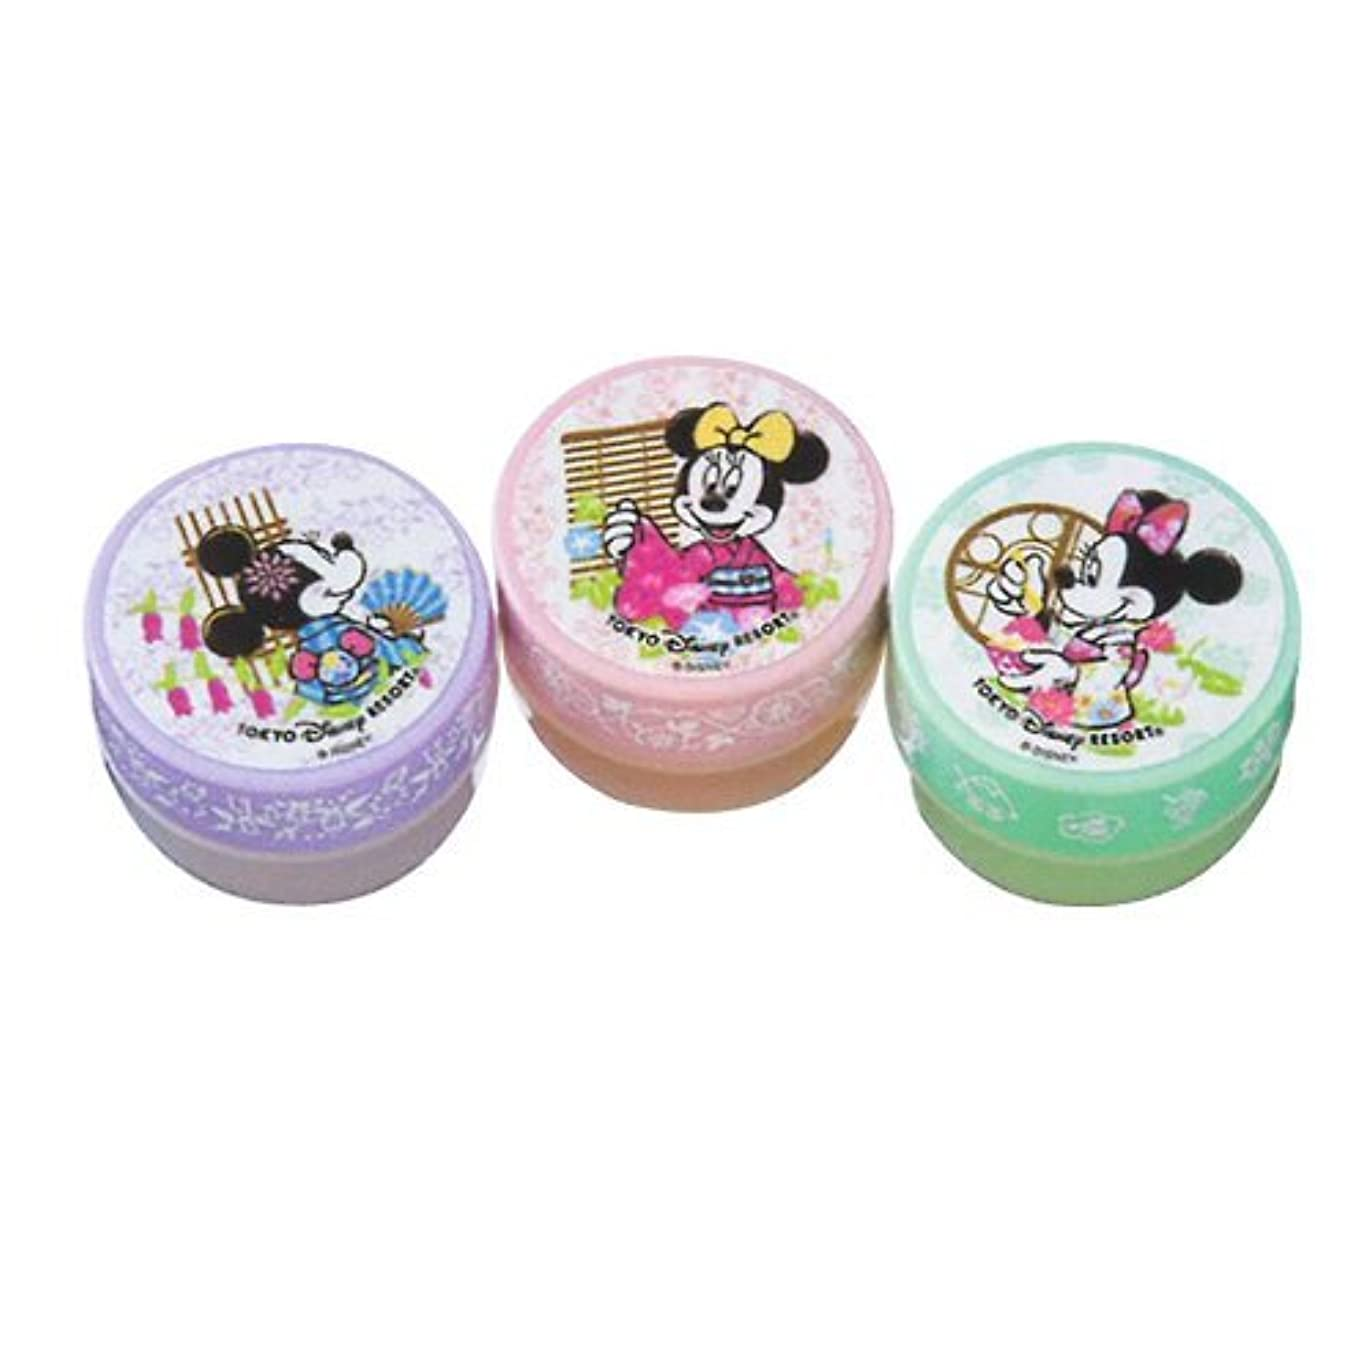 リンス嬉しいですキャンセルミニーマウス ハンドクリームセット 浴衣柄 【東京ディズニーリゾート限定】